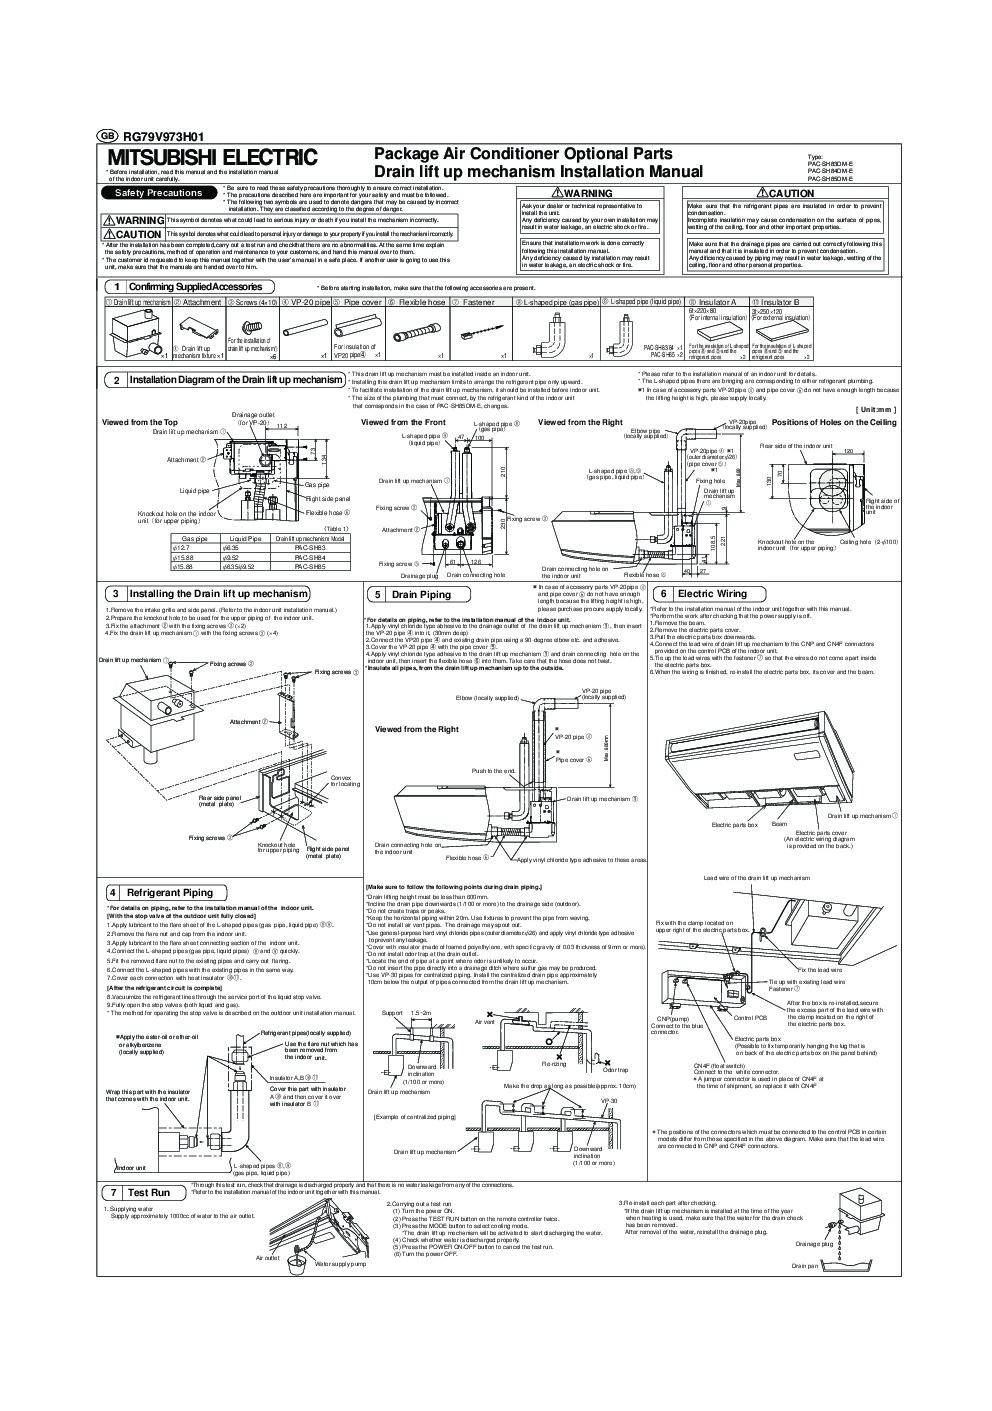 Mitsubishi Rg79v973h01 Air Conditioner Installation Manual